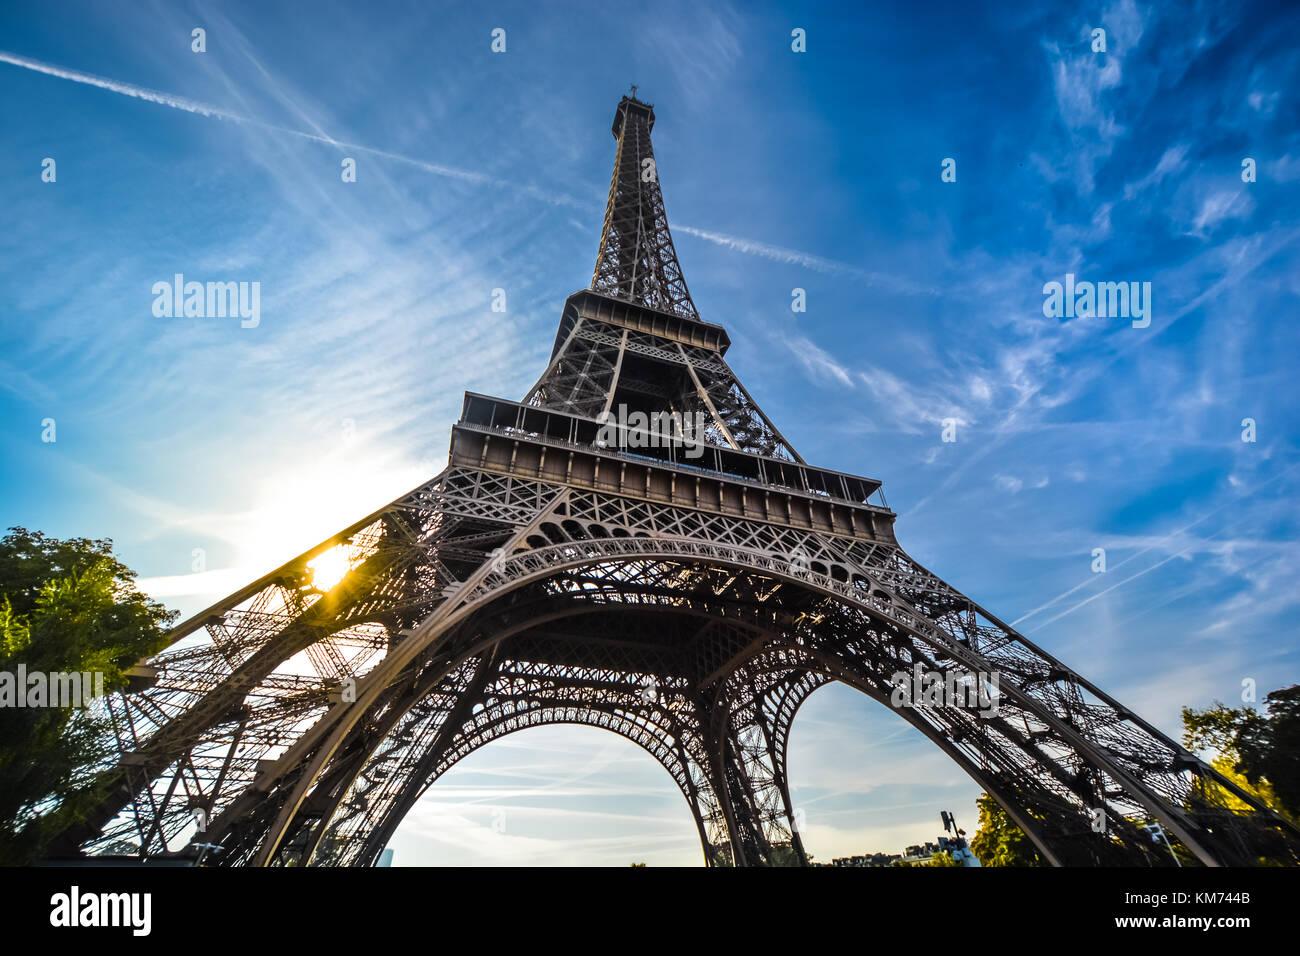 Una vista de la Torre Eiffel con una lente gran angular, mirando hacia arriba desde la base en una tarde soleada Imagen De Stock